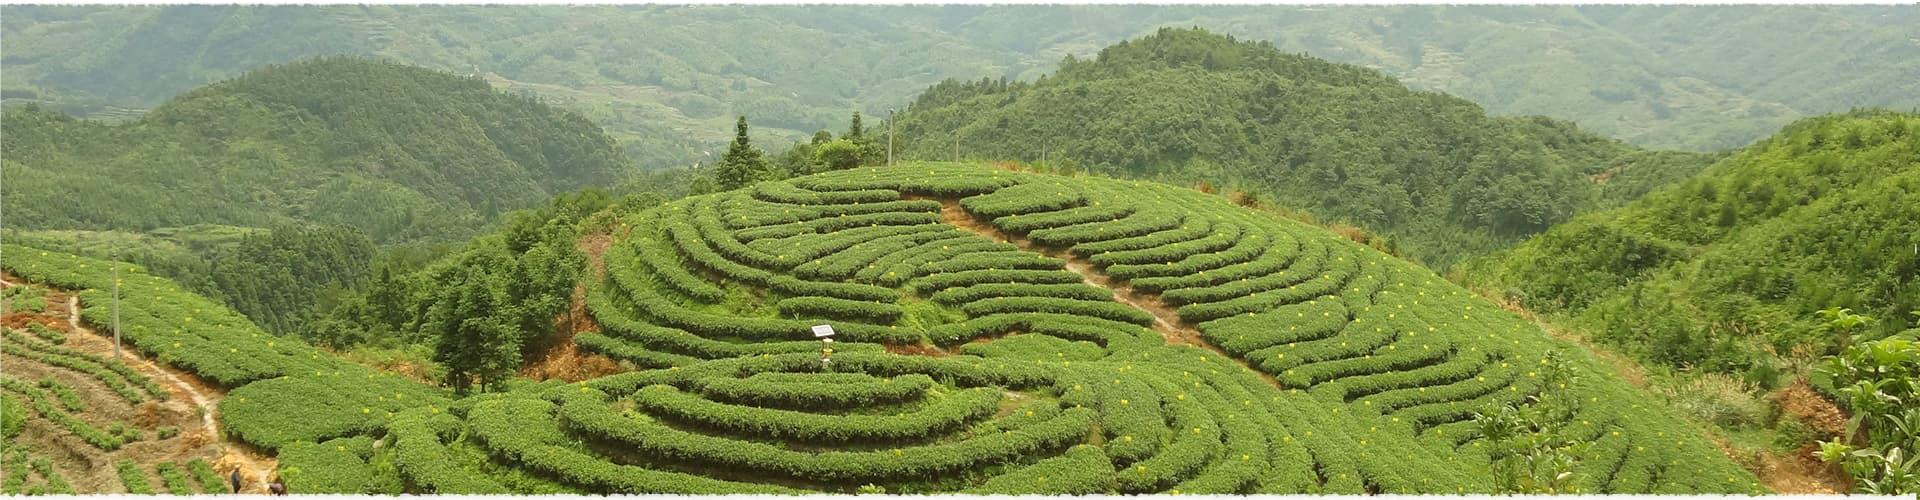 Nan Guang Tea Garden